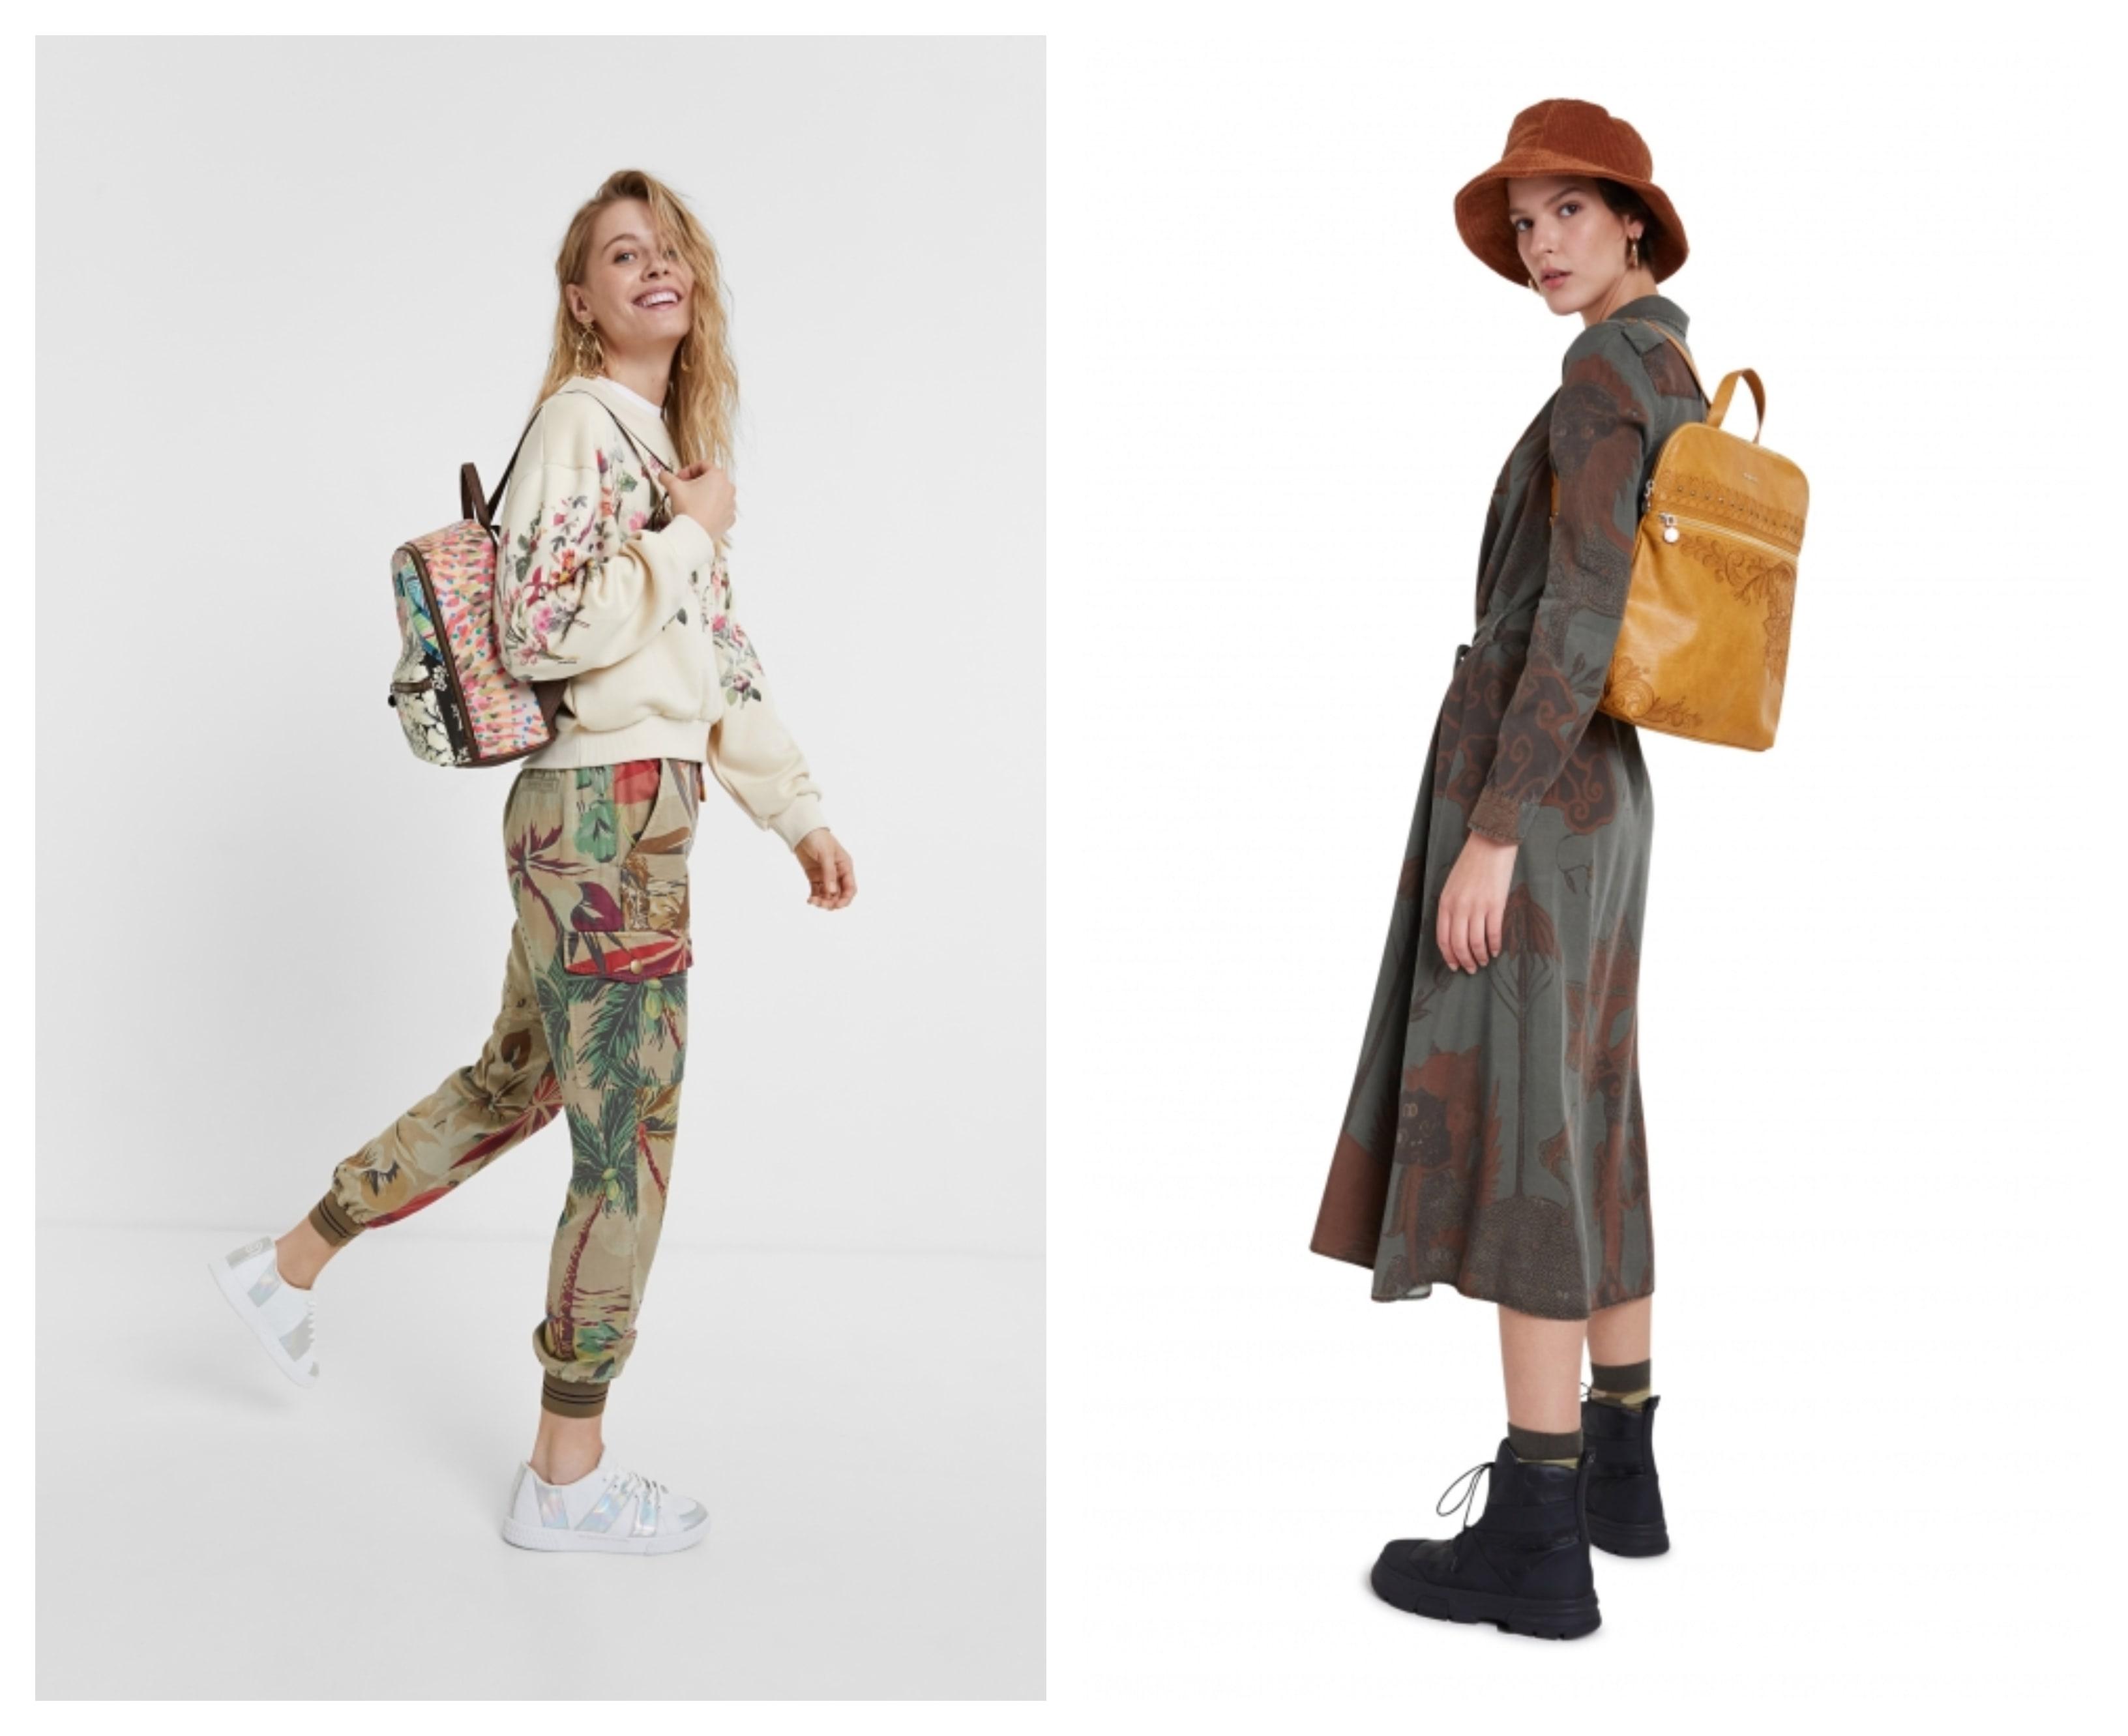 Alege-ți modelul preferat de rucsac din colecția Desigual!